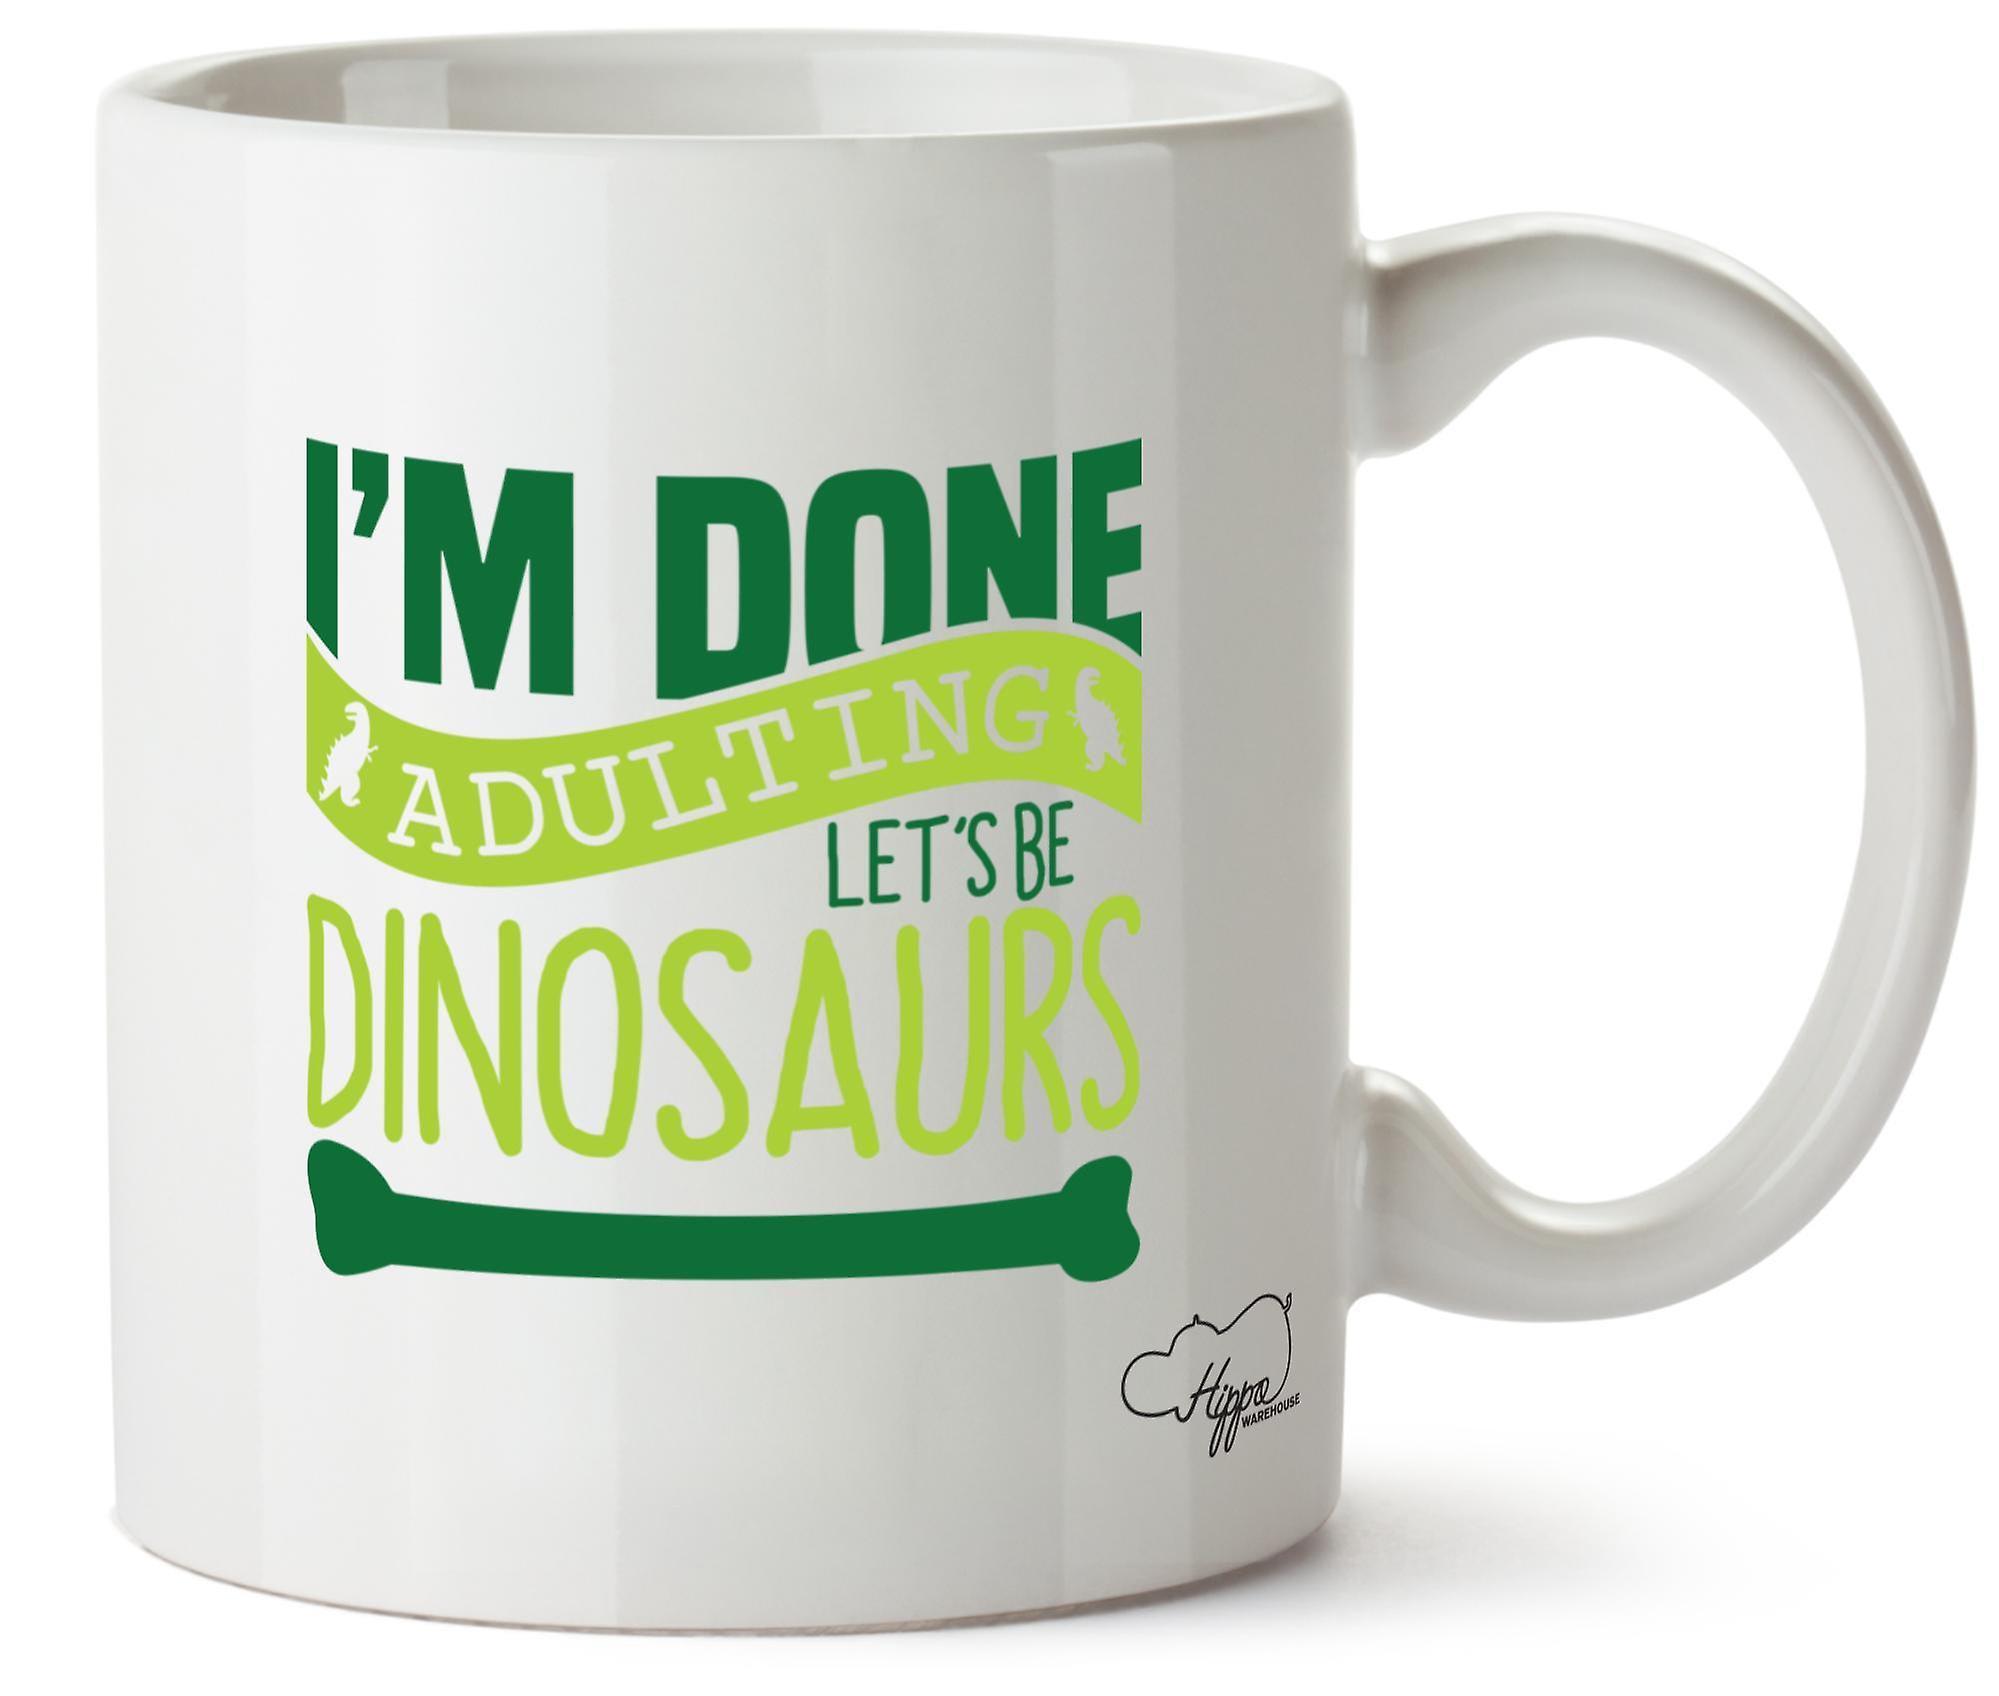 Hippowarehouse Suis Imprimés Des Fait Tasse Je Mug Adulting Allons Nous 10oz Dinosaures En Céramique Être YeE2WHbD9I